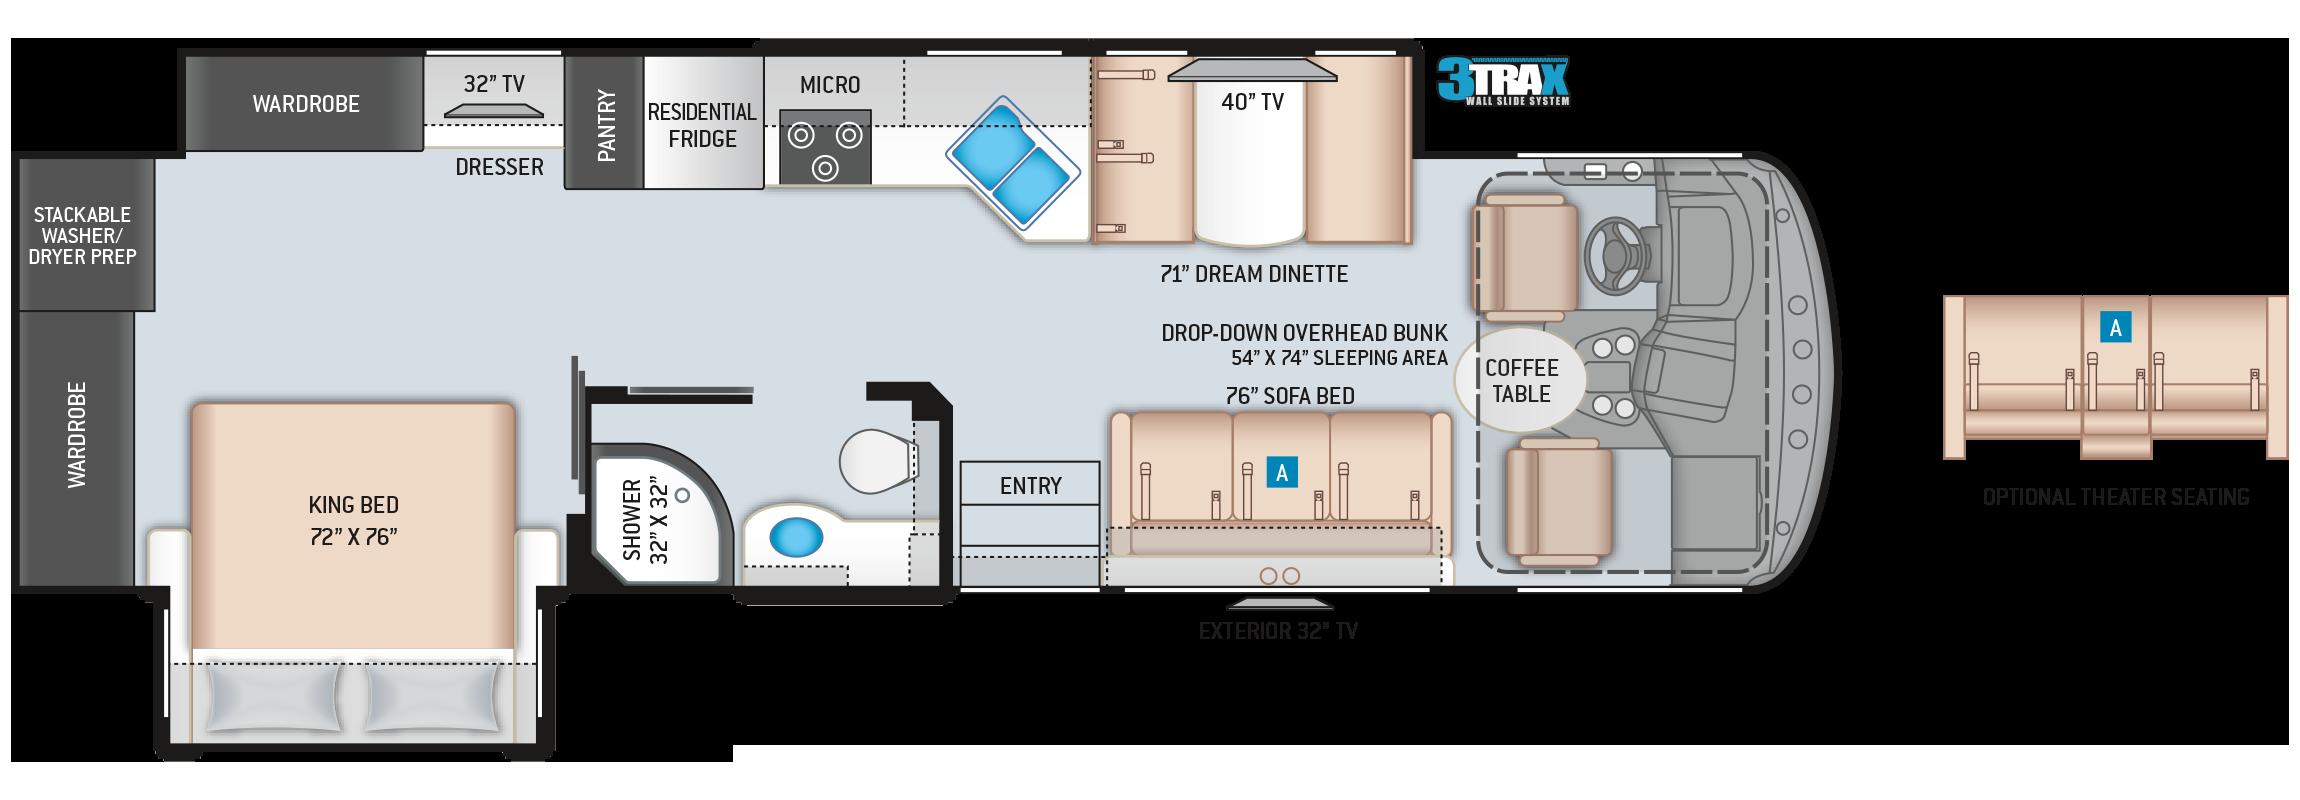 Hurricane Class A Motorhome Floor Plan 33X